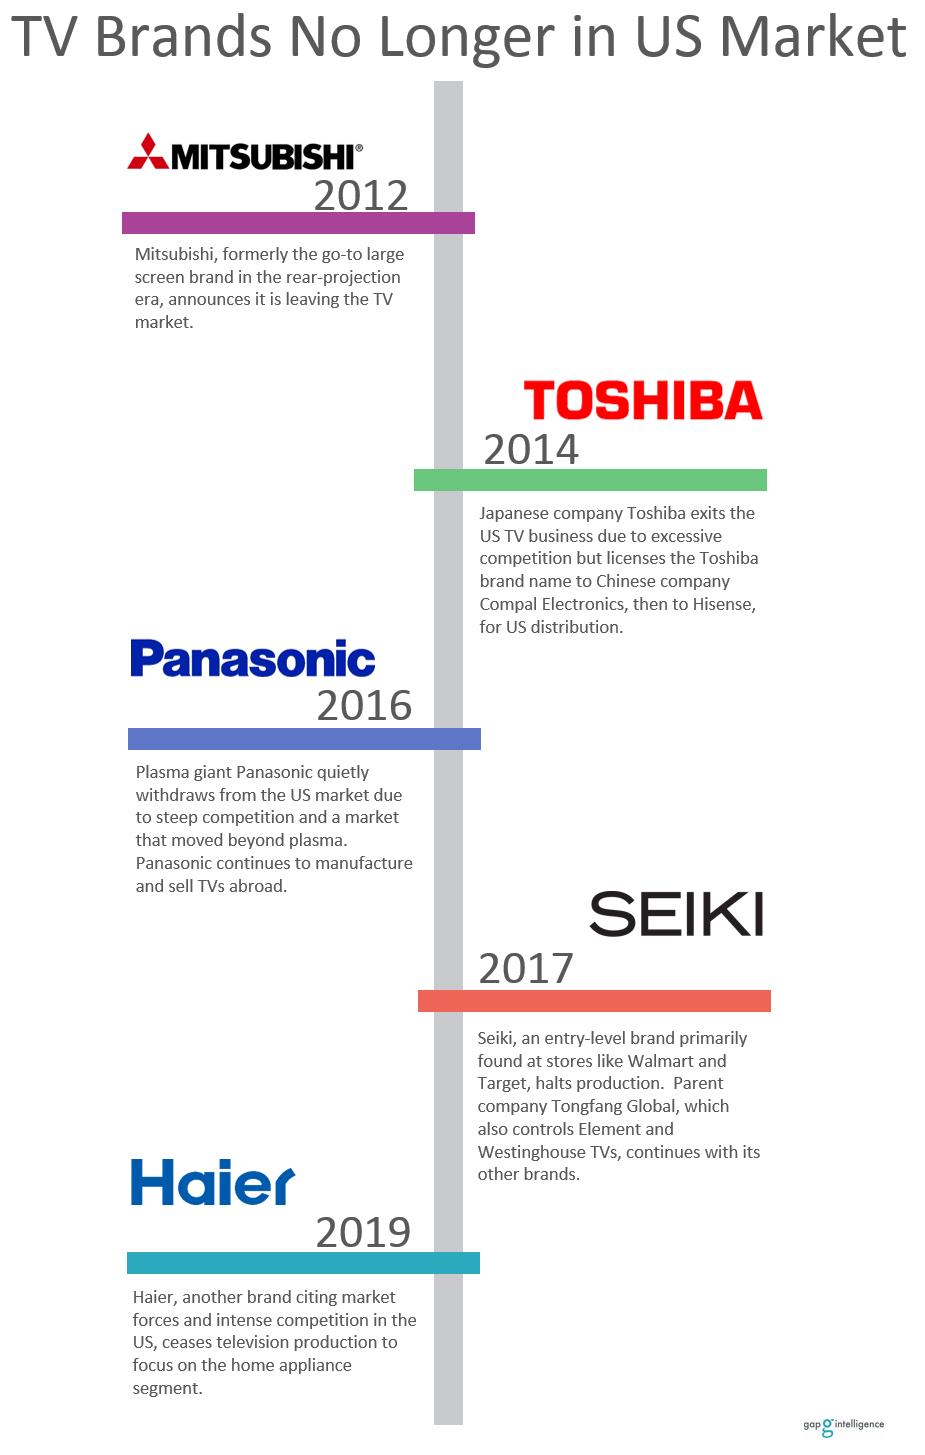 Timeline showing five TV brands no longer on the market